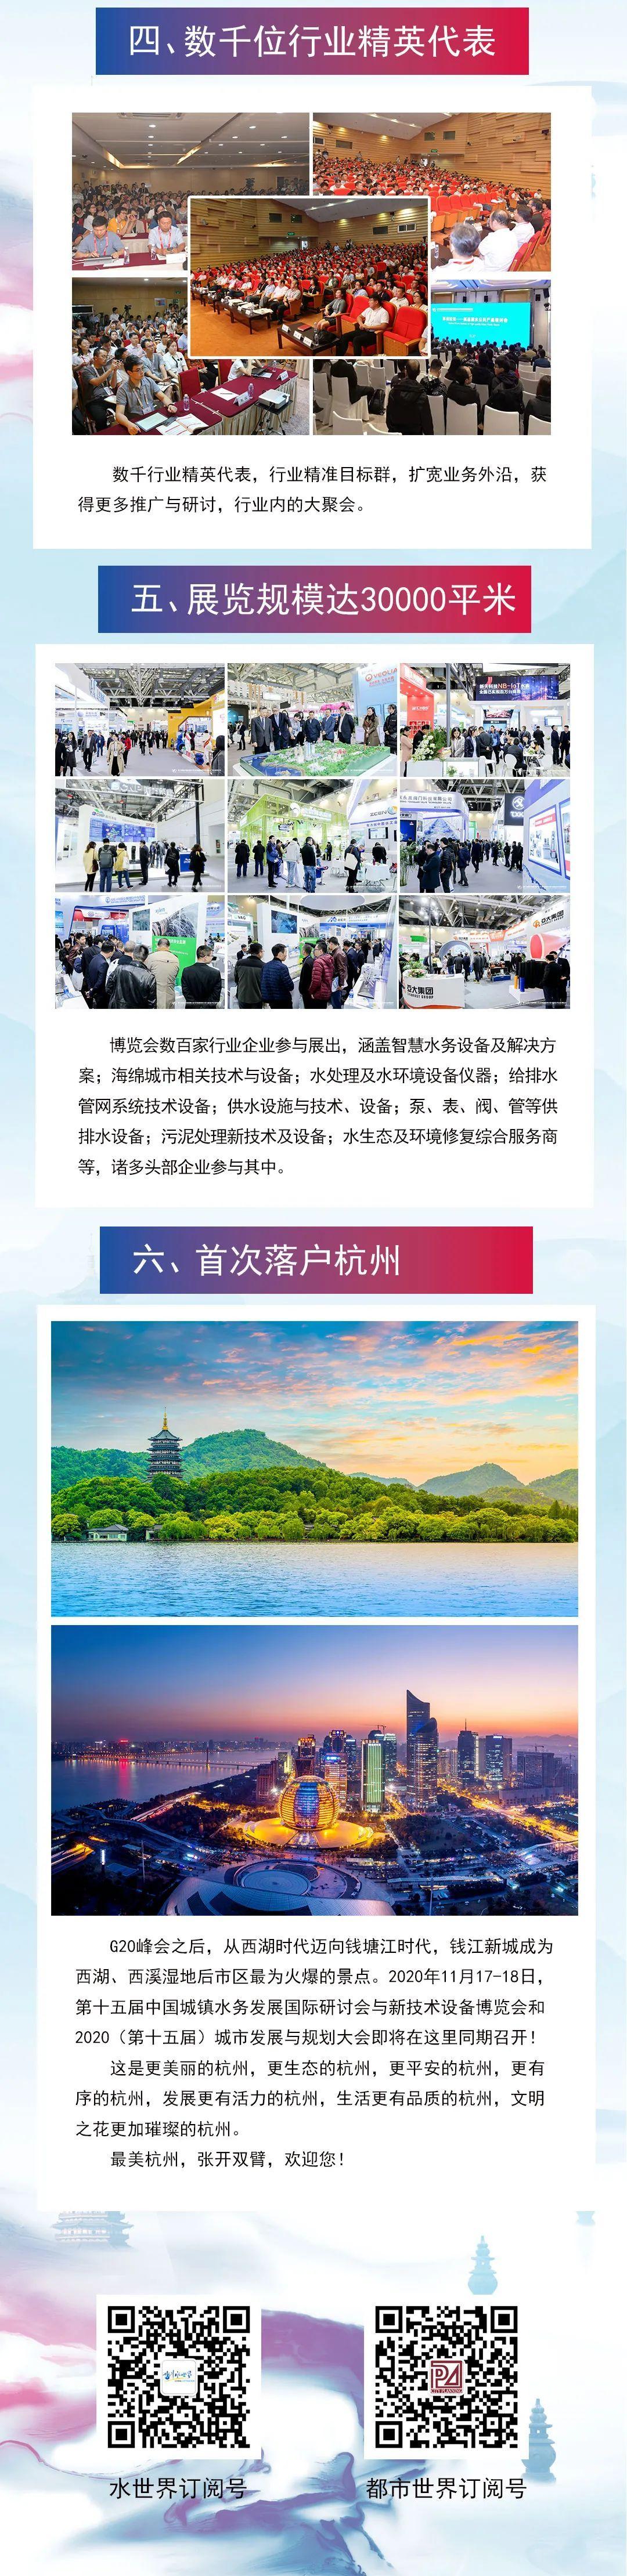 11月17-18日,这两场盛会在杭州同期召开!